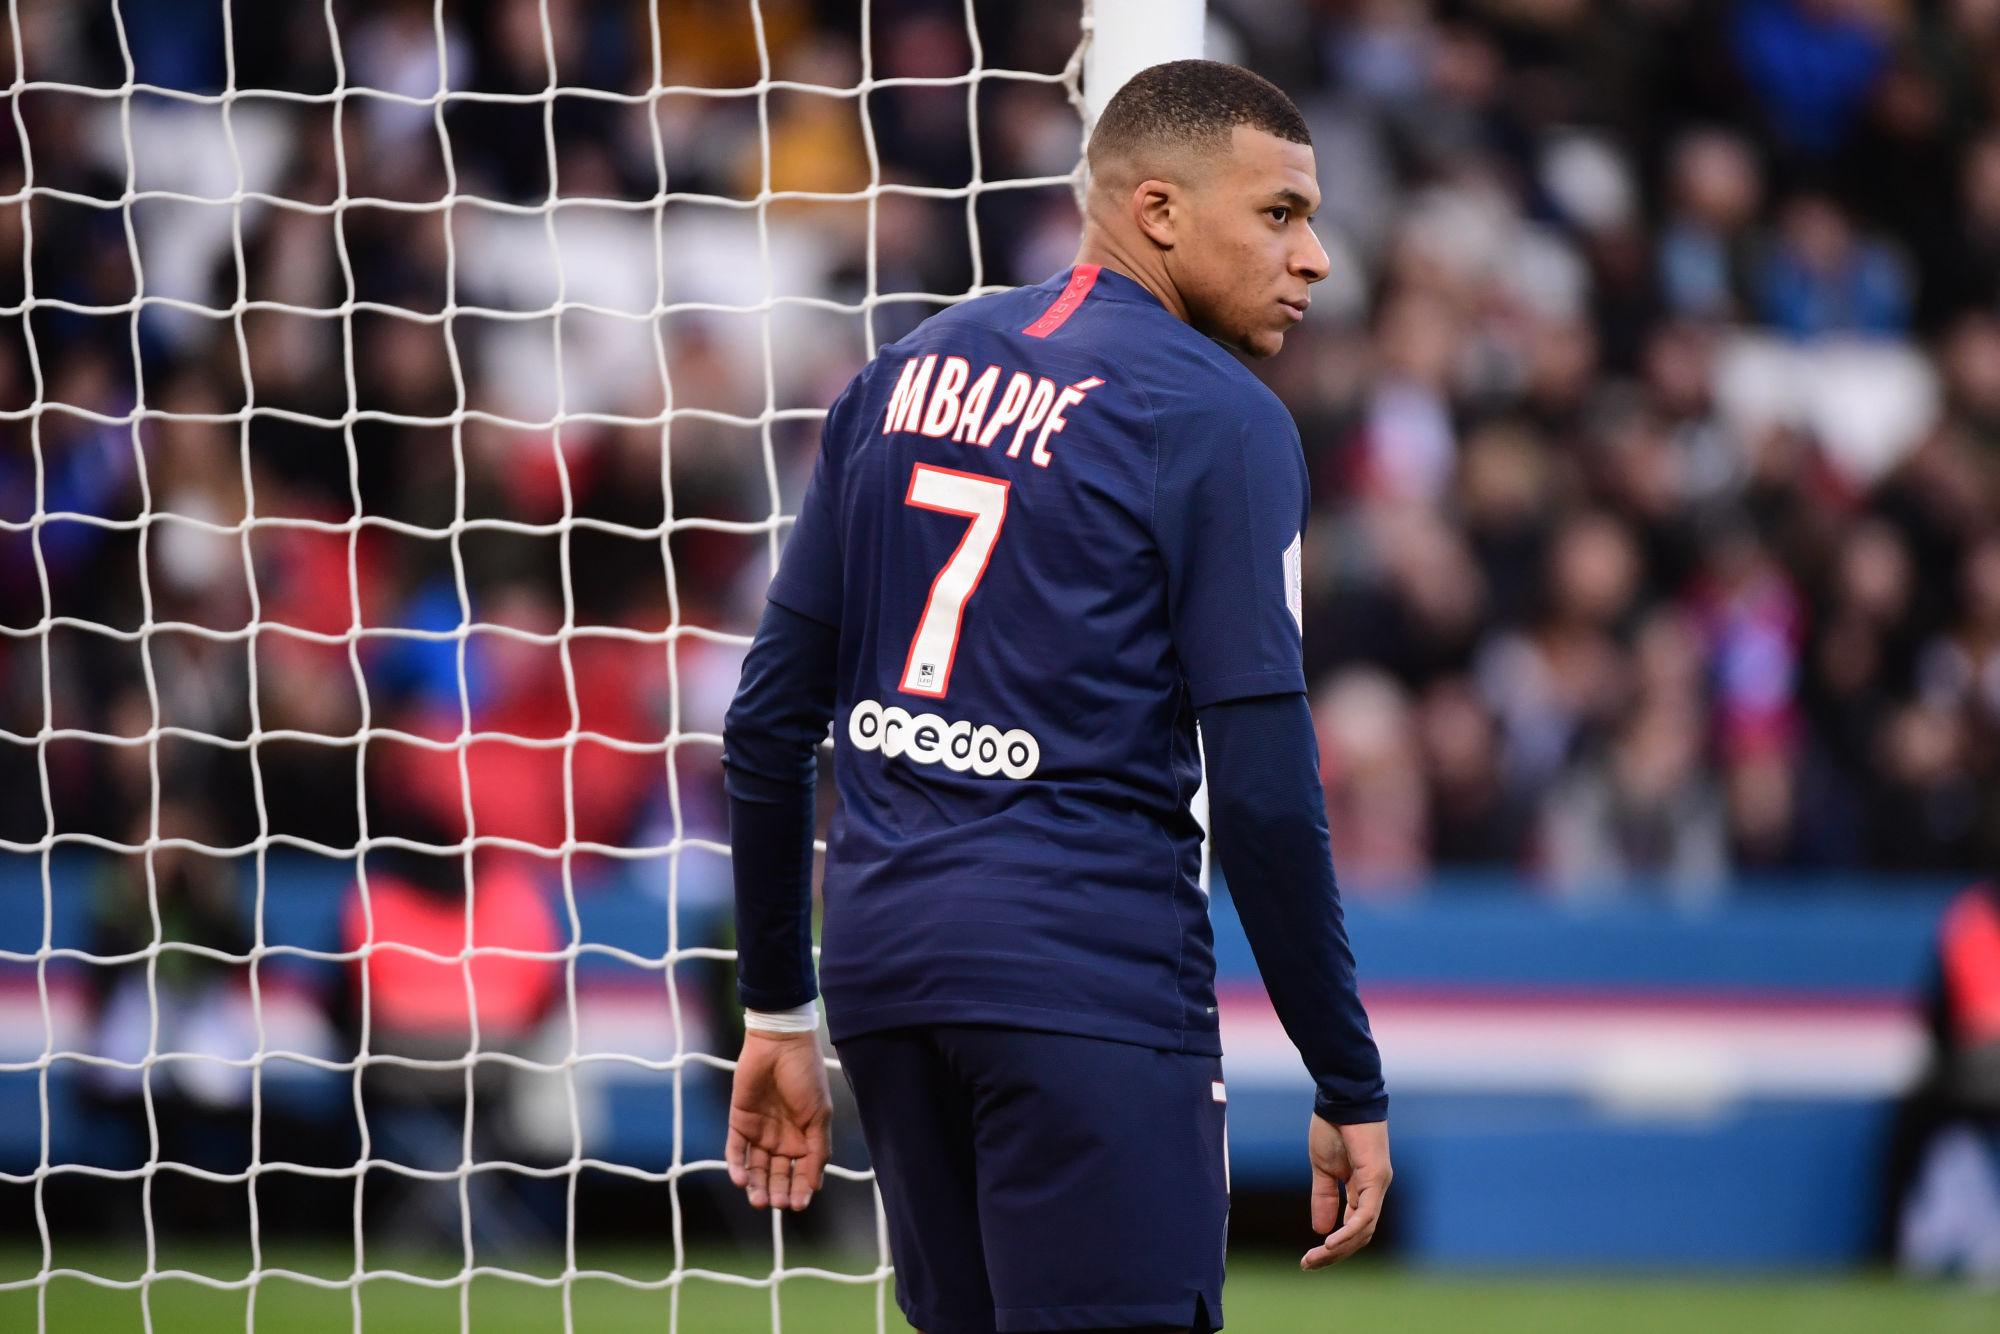 """La prolongation de Mbappé? """"Tant qu'il n'aura pas signé il restera un doute"""" déclare Nigay"""